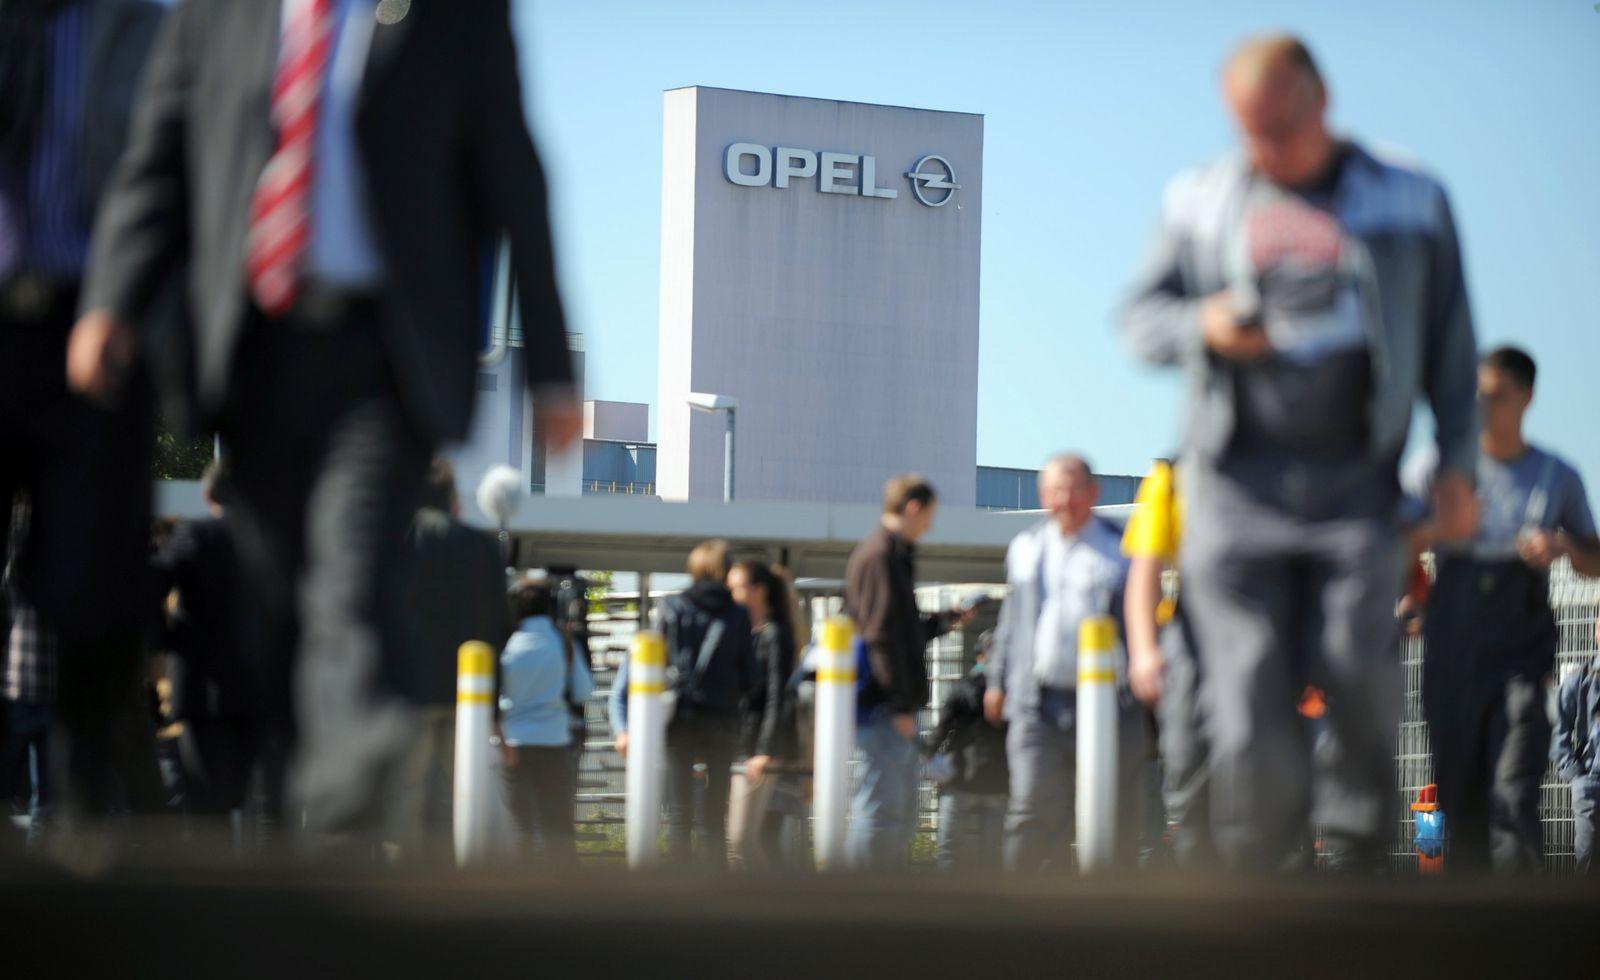 Opel / Rüsselsheim / Mitarbeiter / GM